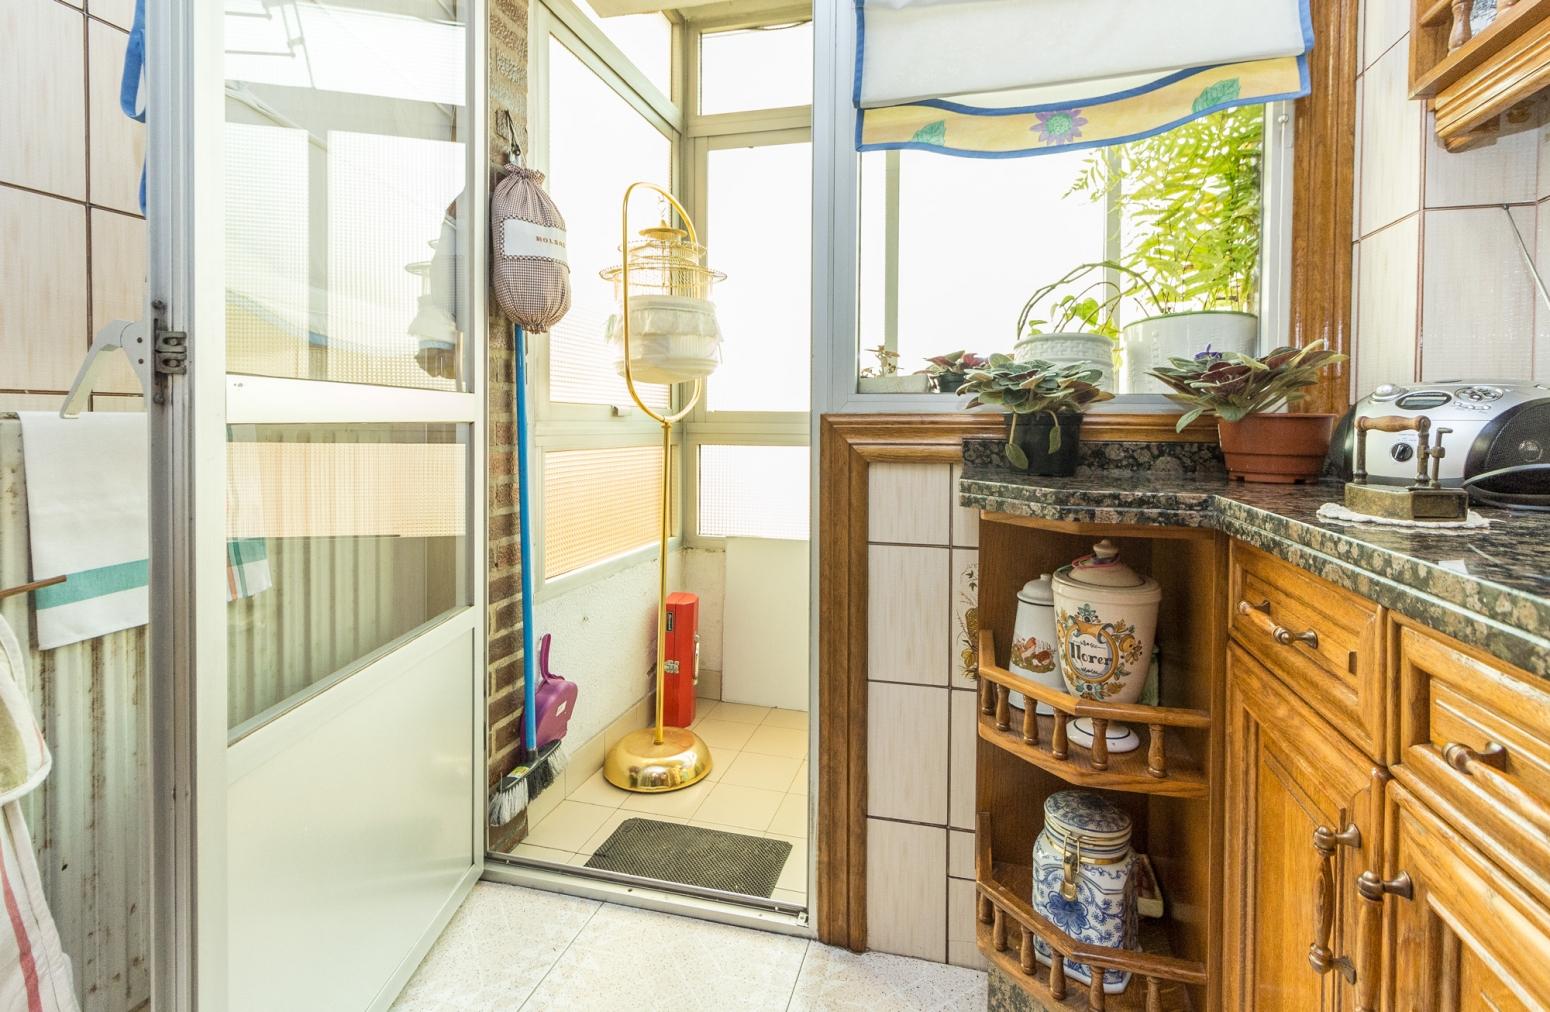 Detalle terraza en cocina.